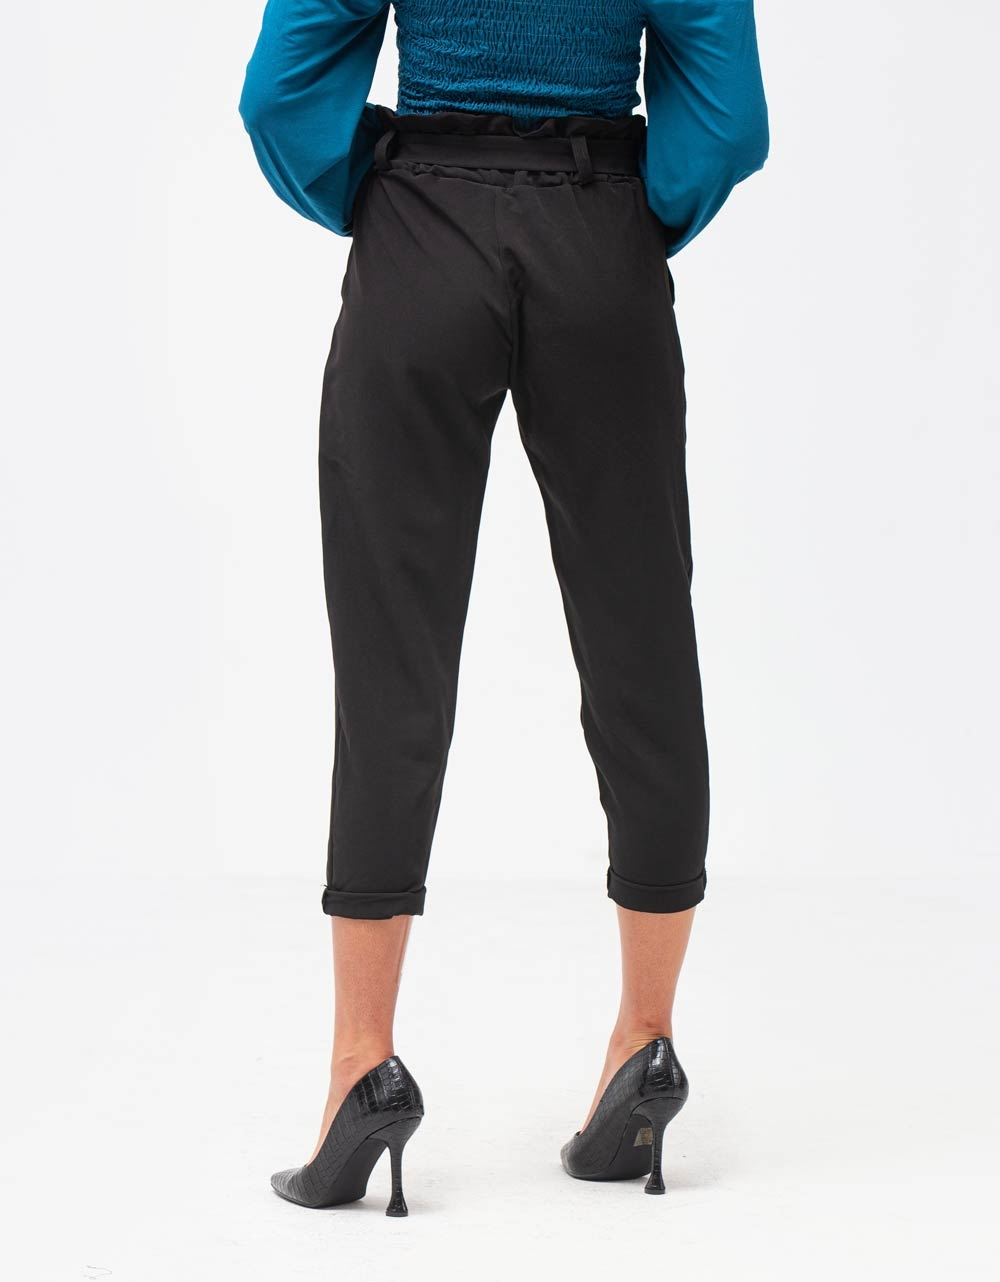 Εικόνα από Γυναικείο παντελόνι ψηλόμεσο Μαύρο